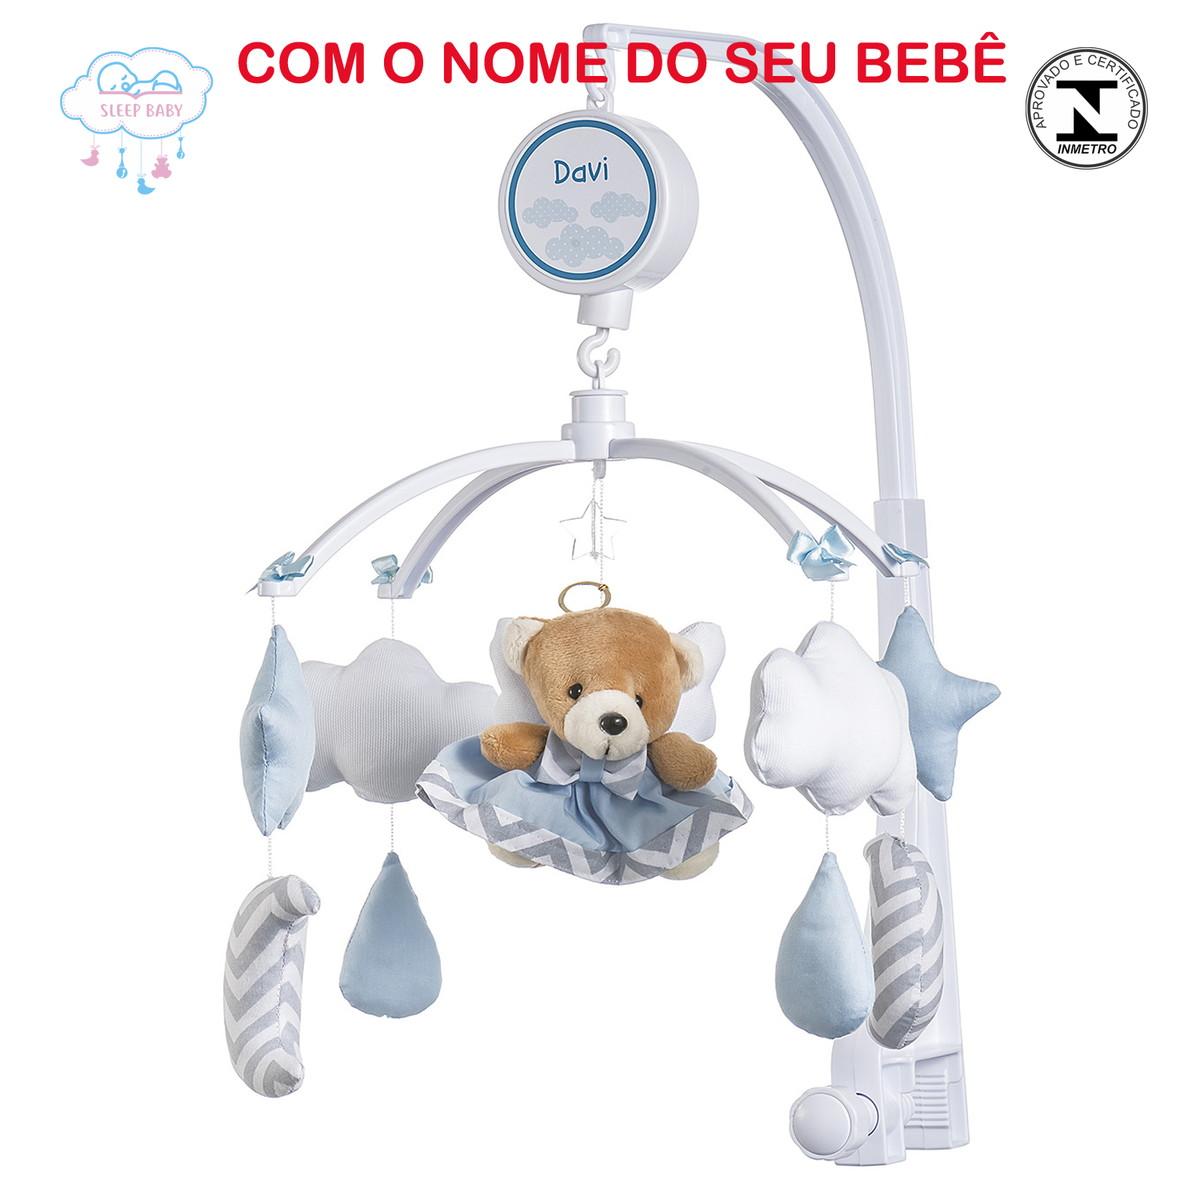 cebaf2d055 Móbile de berço Musical Ursinho Anjinho nas Nuvens Menino no Elo7 ...